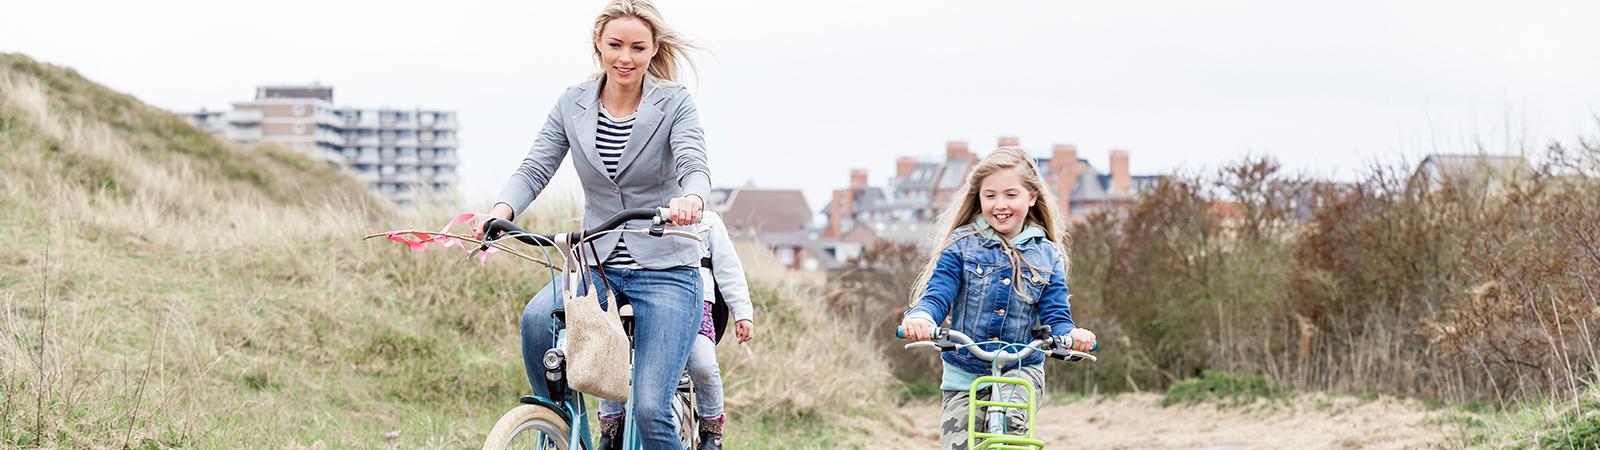 Samen uit. Samen thuis. Altijd veilig en met plezier fietsen.